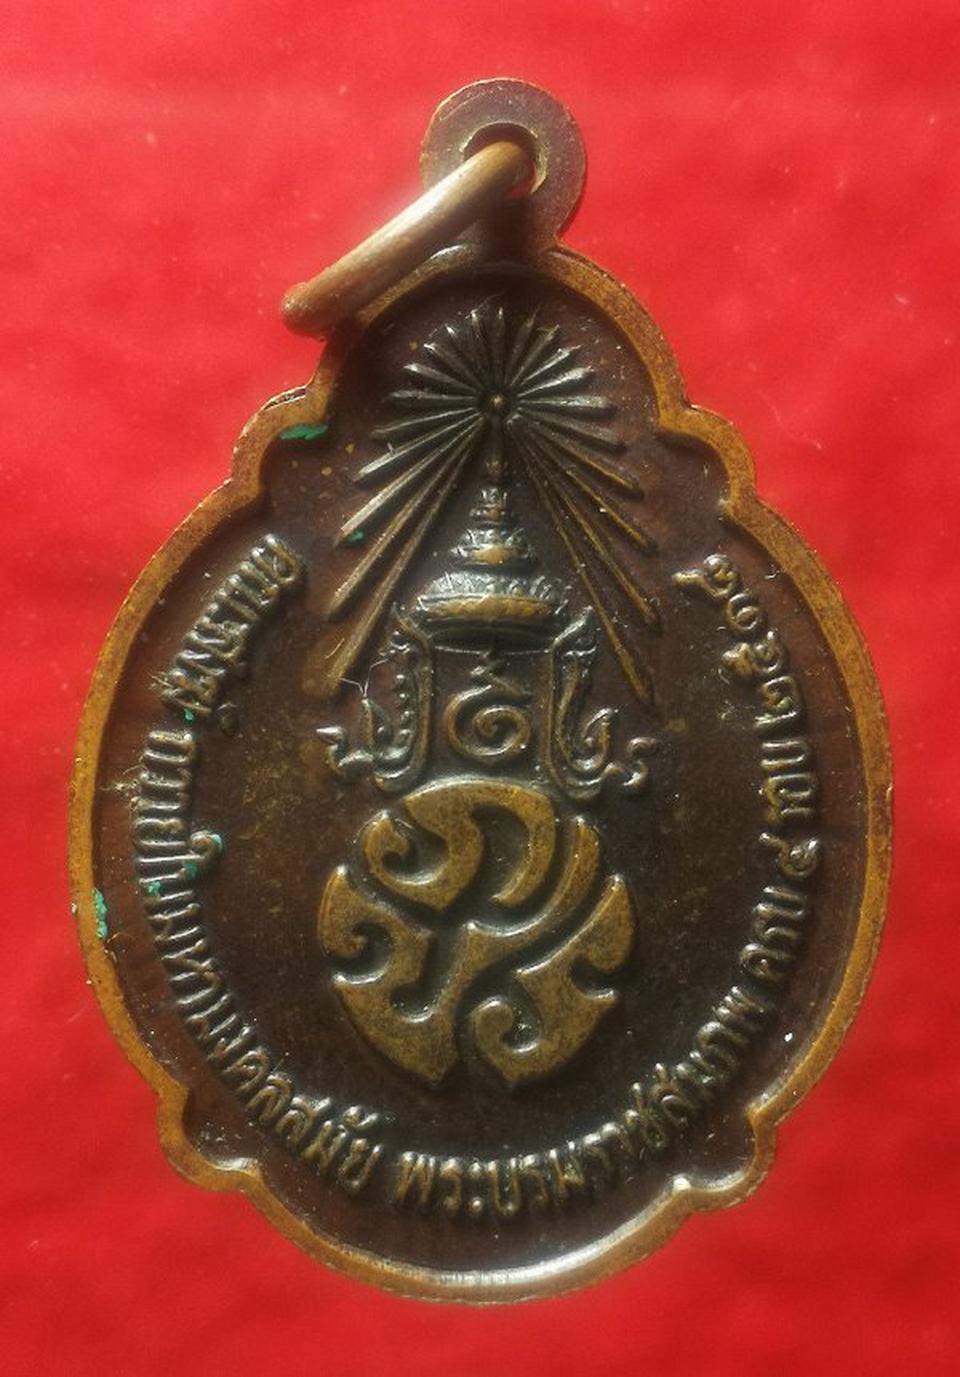 เหรียญในหลวงพระราชสมภพครบ 4 รอบ ปี18 บล๊อคผม 3 เส้น เปิดแบ่งปัน...  รูปที่ 2